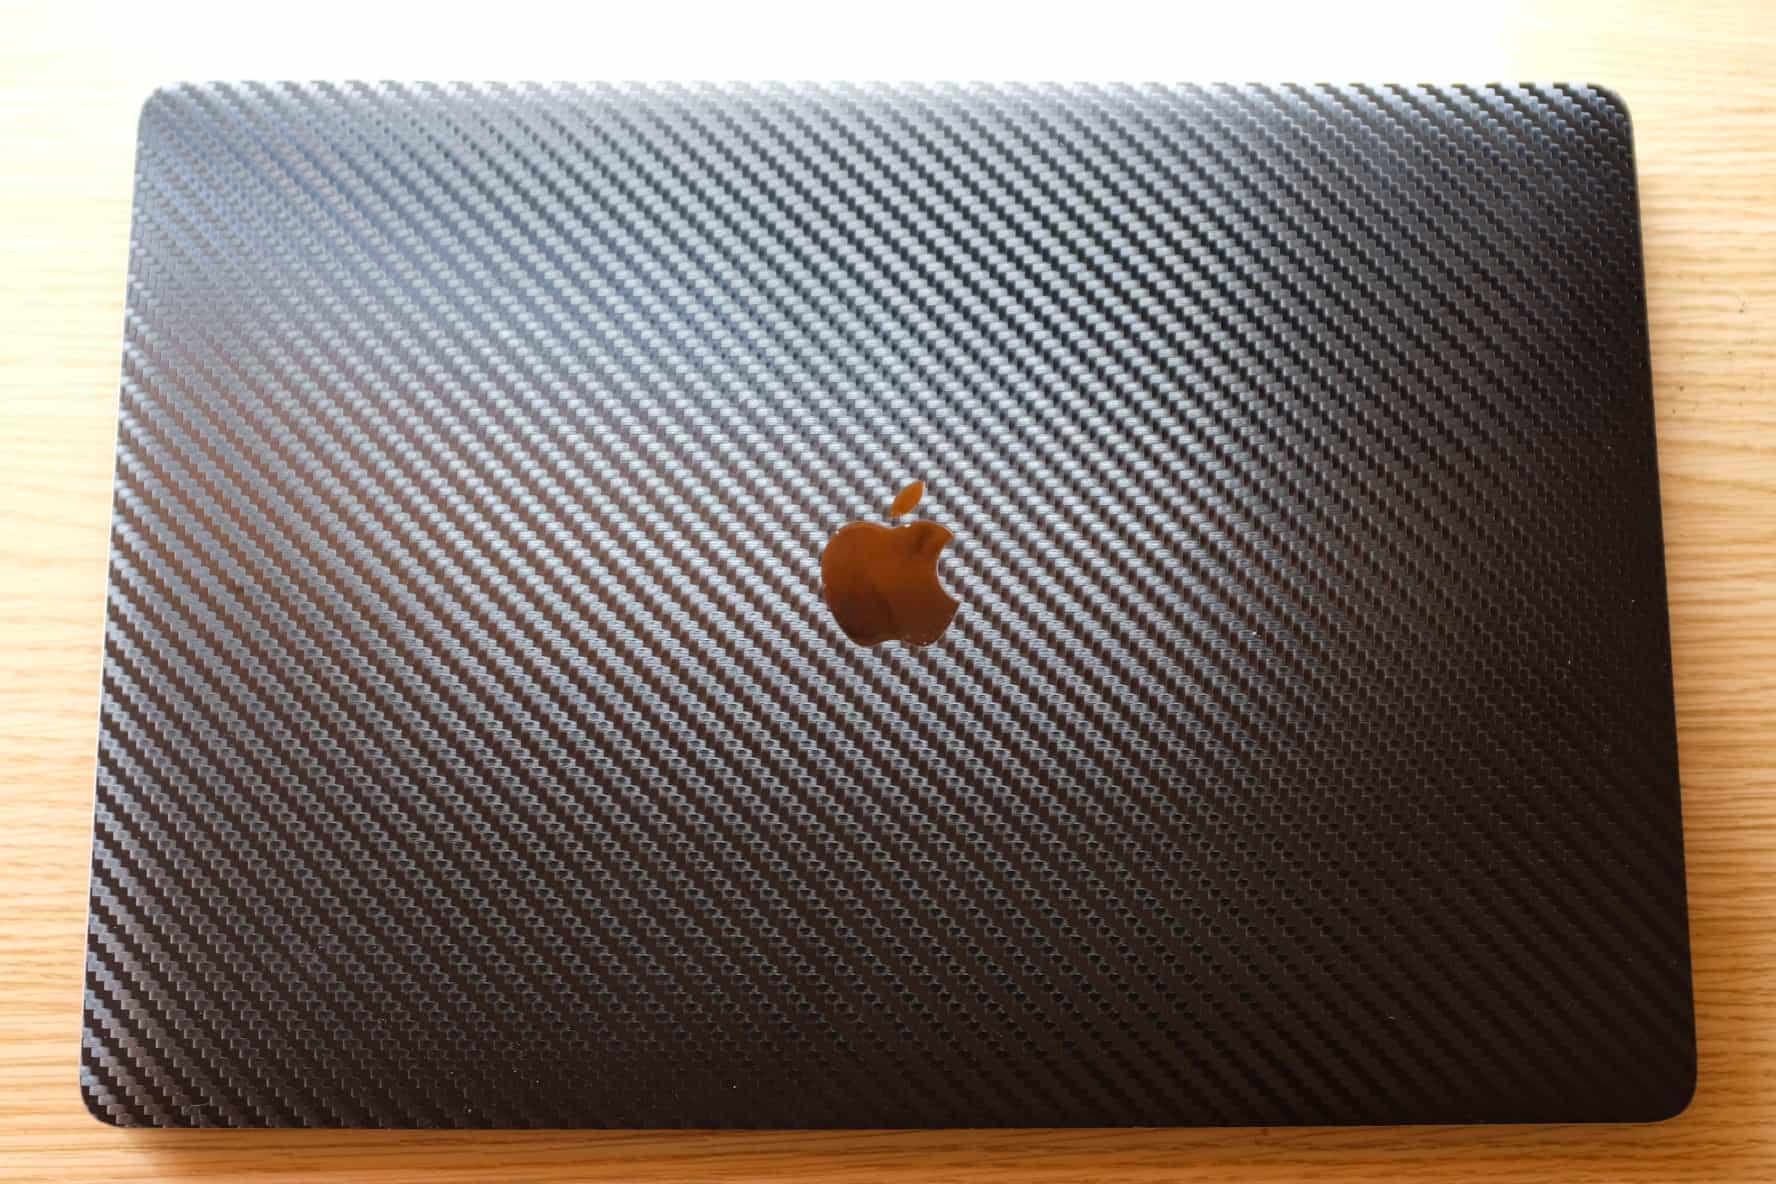 16インチ MacBook Pro スキンシール